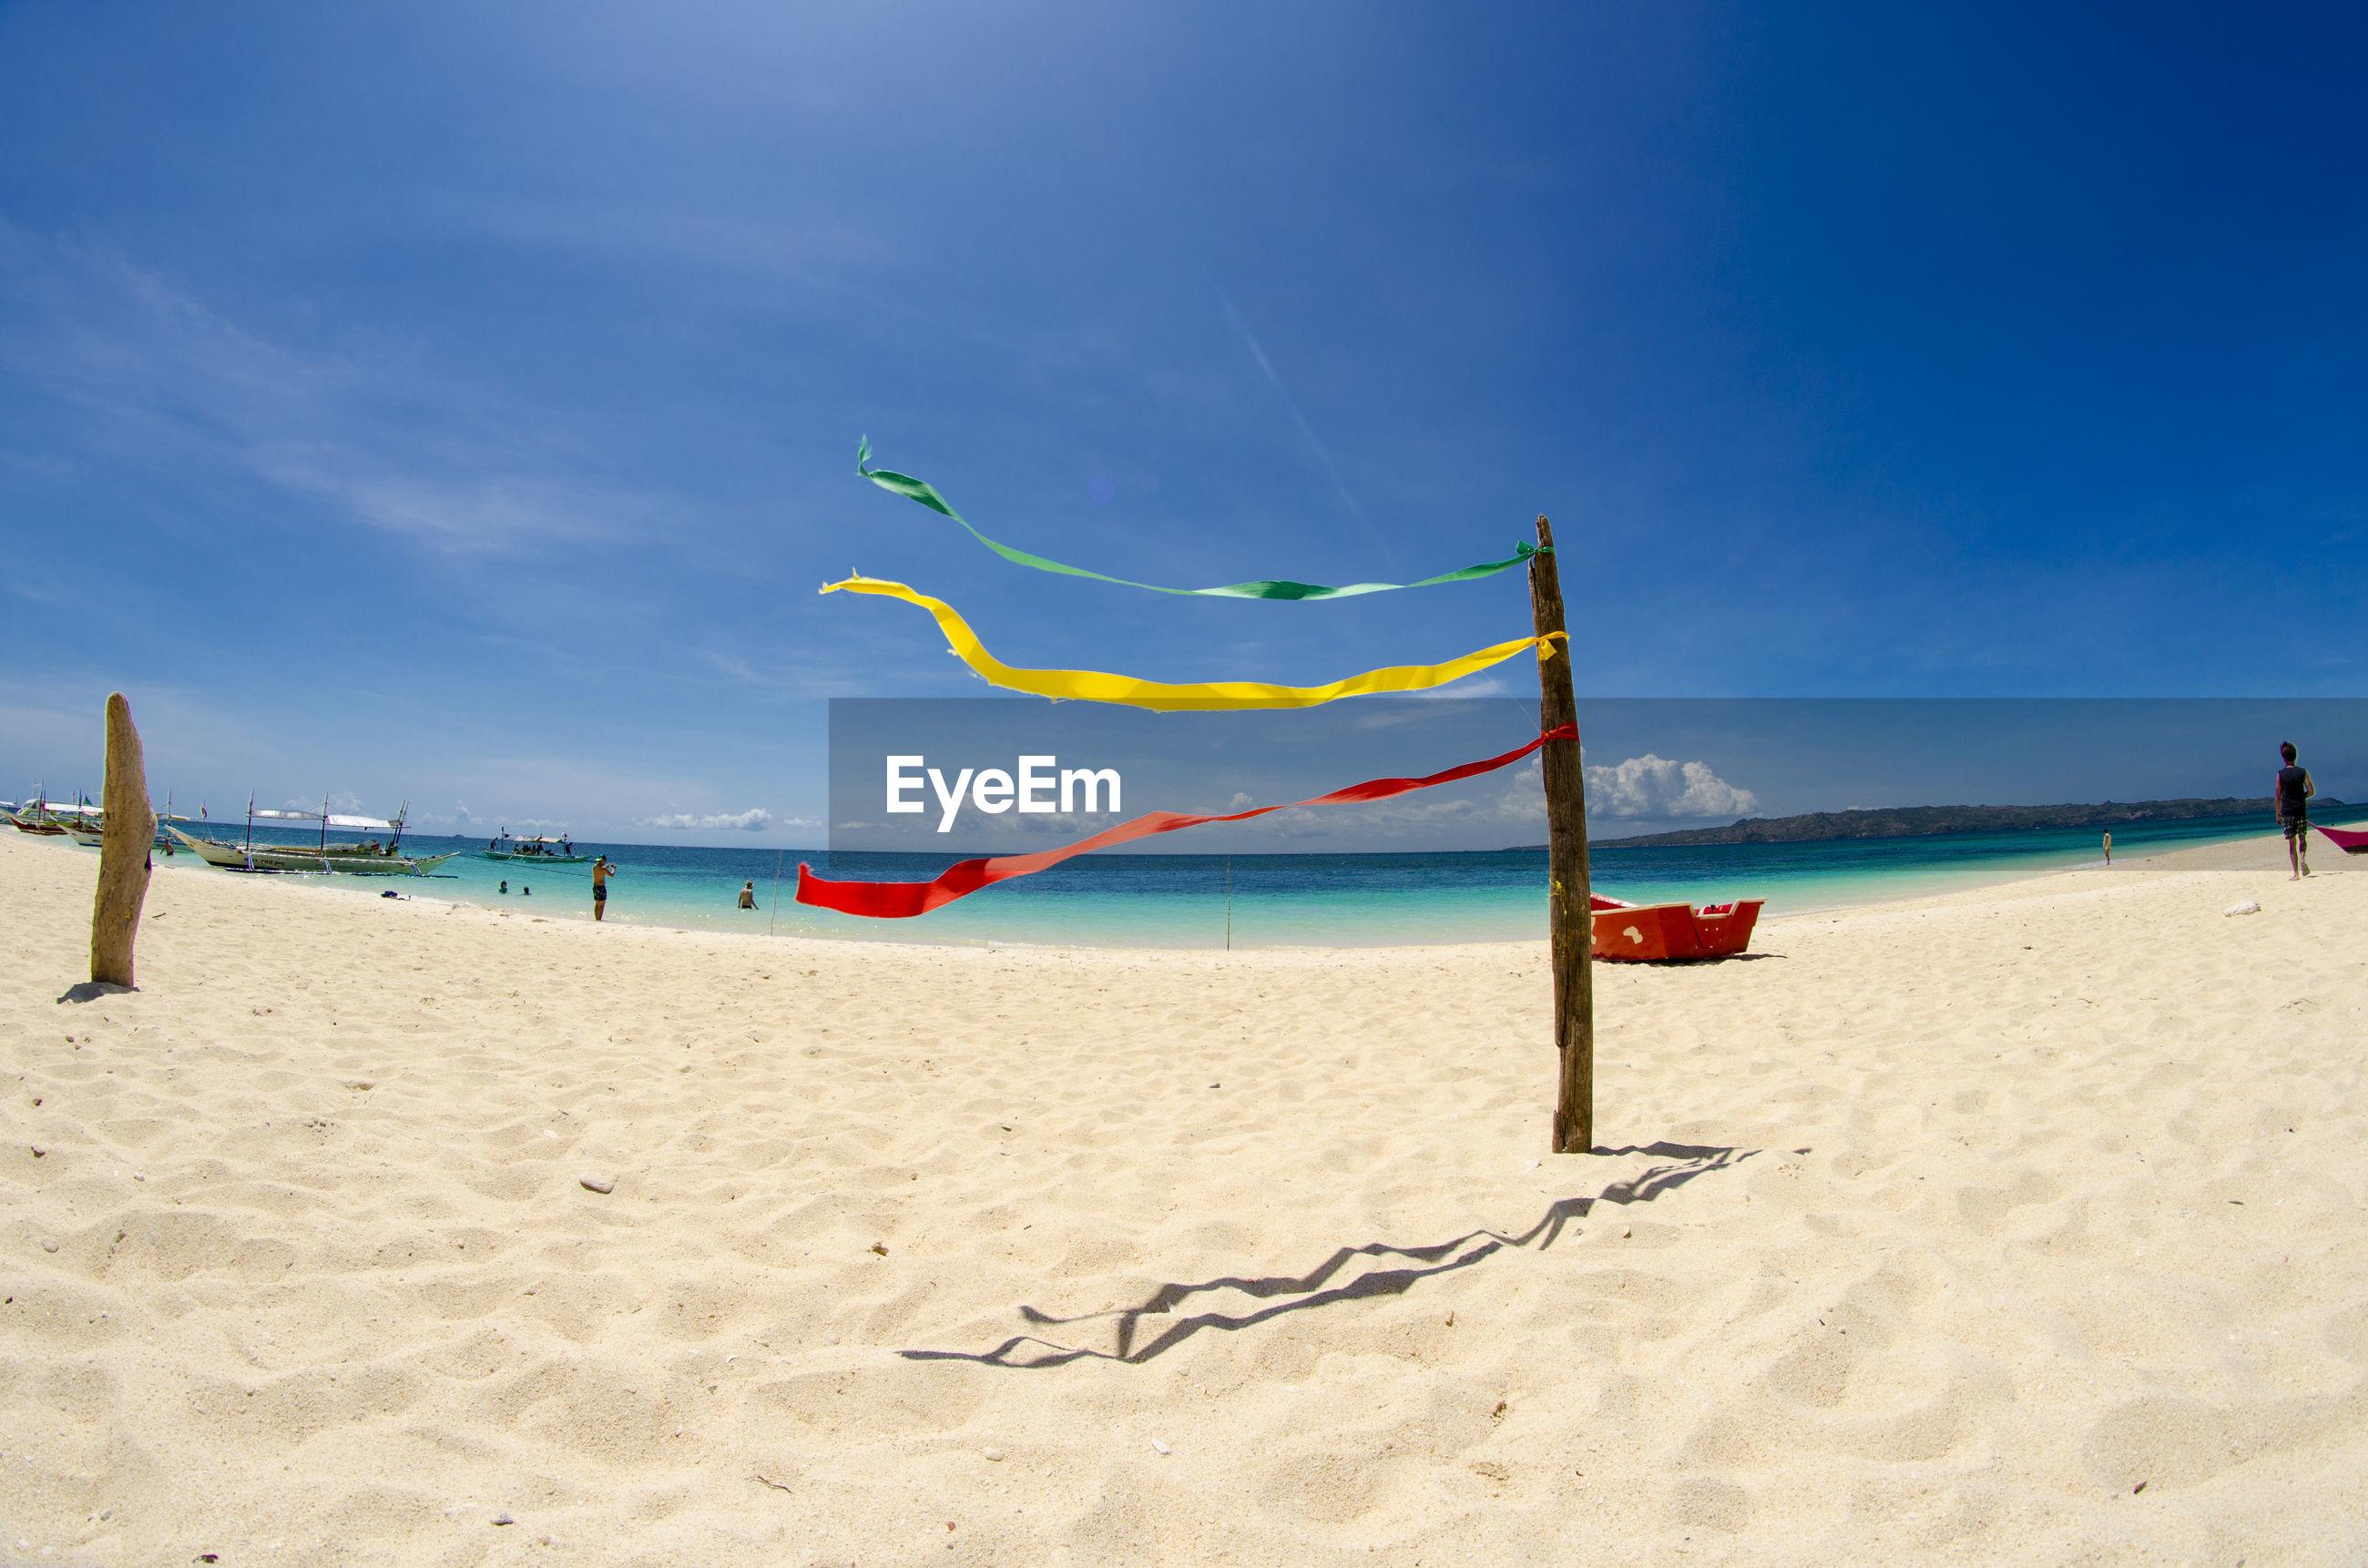 SCENIC VIEW OF CALM BEACH